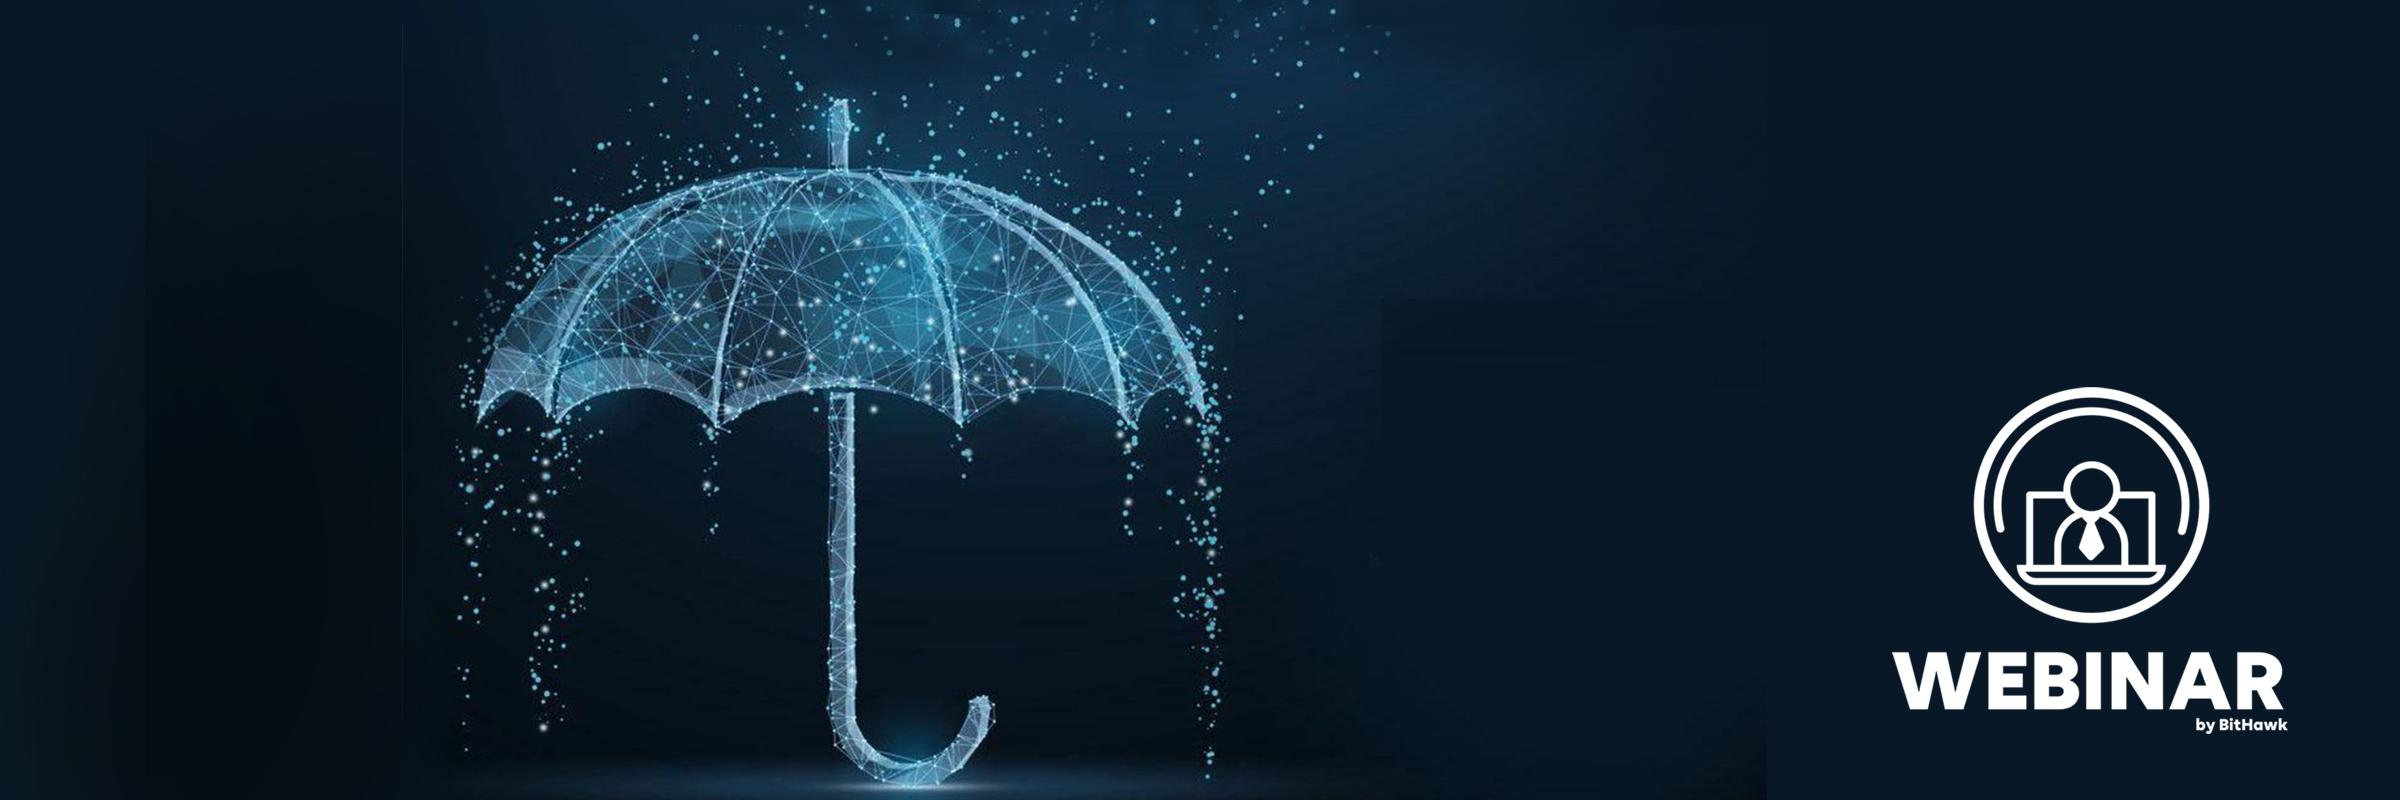 Webinar-Umbrella_2400x800px-1